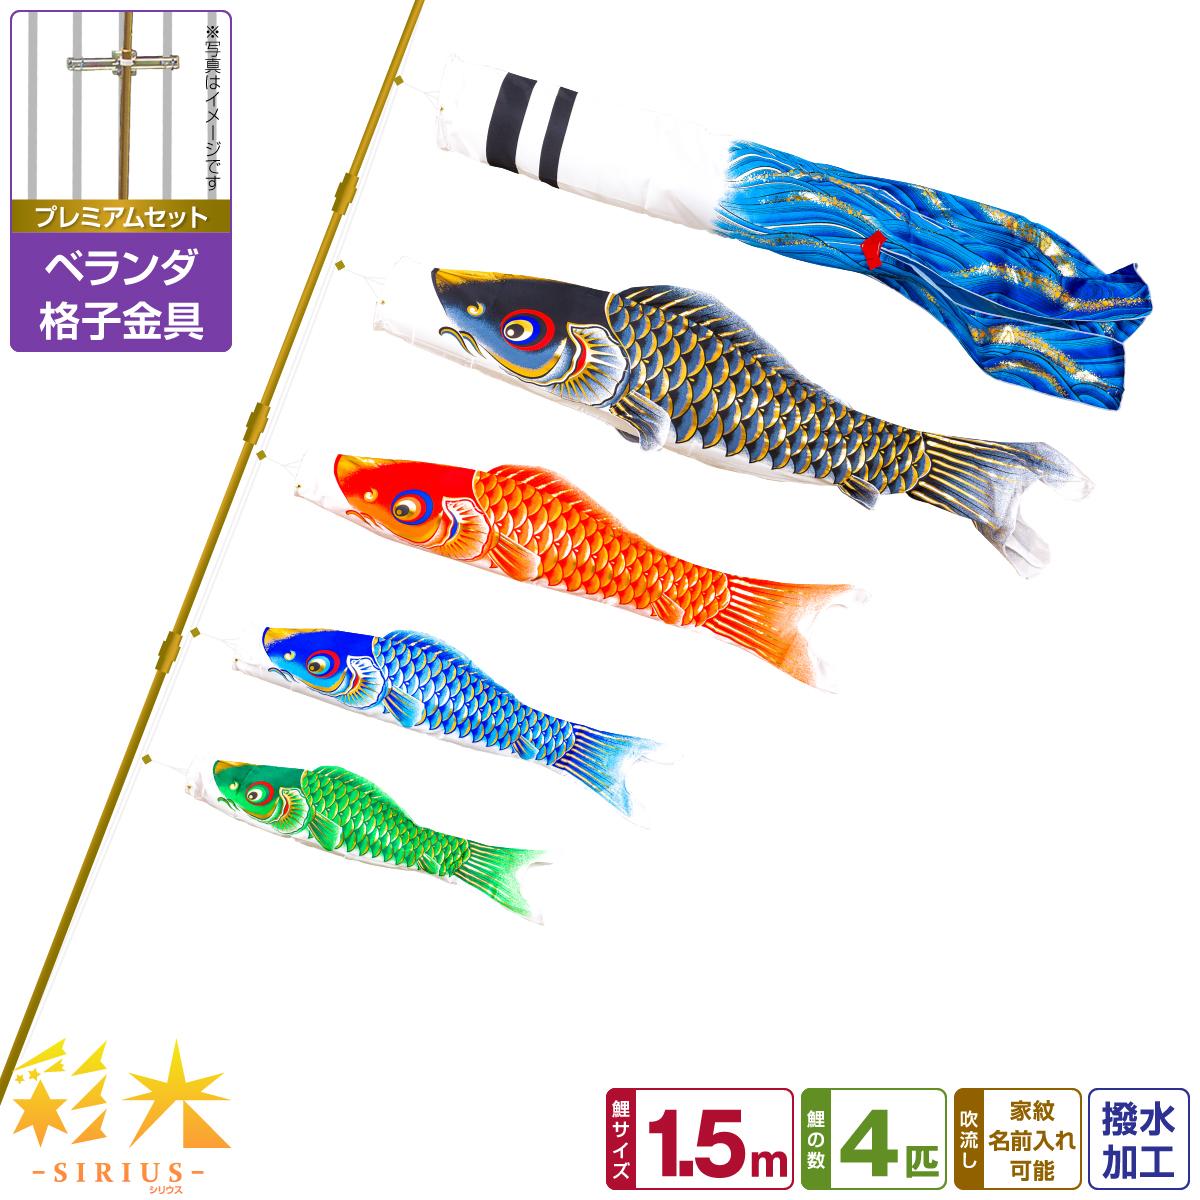 ベランダ用 こいのぼり 鯉のぼり SIRIUS/彩光鯉 1.5m 7点(吹流し+鯉4匹+矢車+ロープ)/プレミアムセット(格子金具)